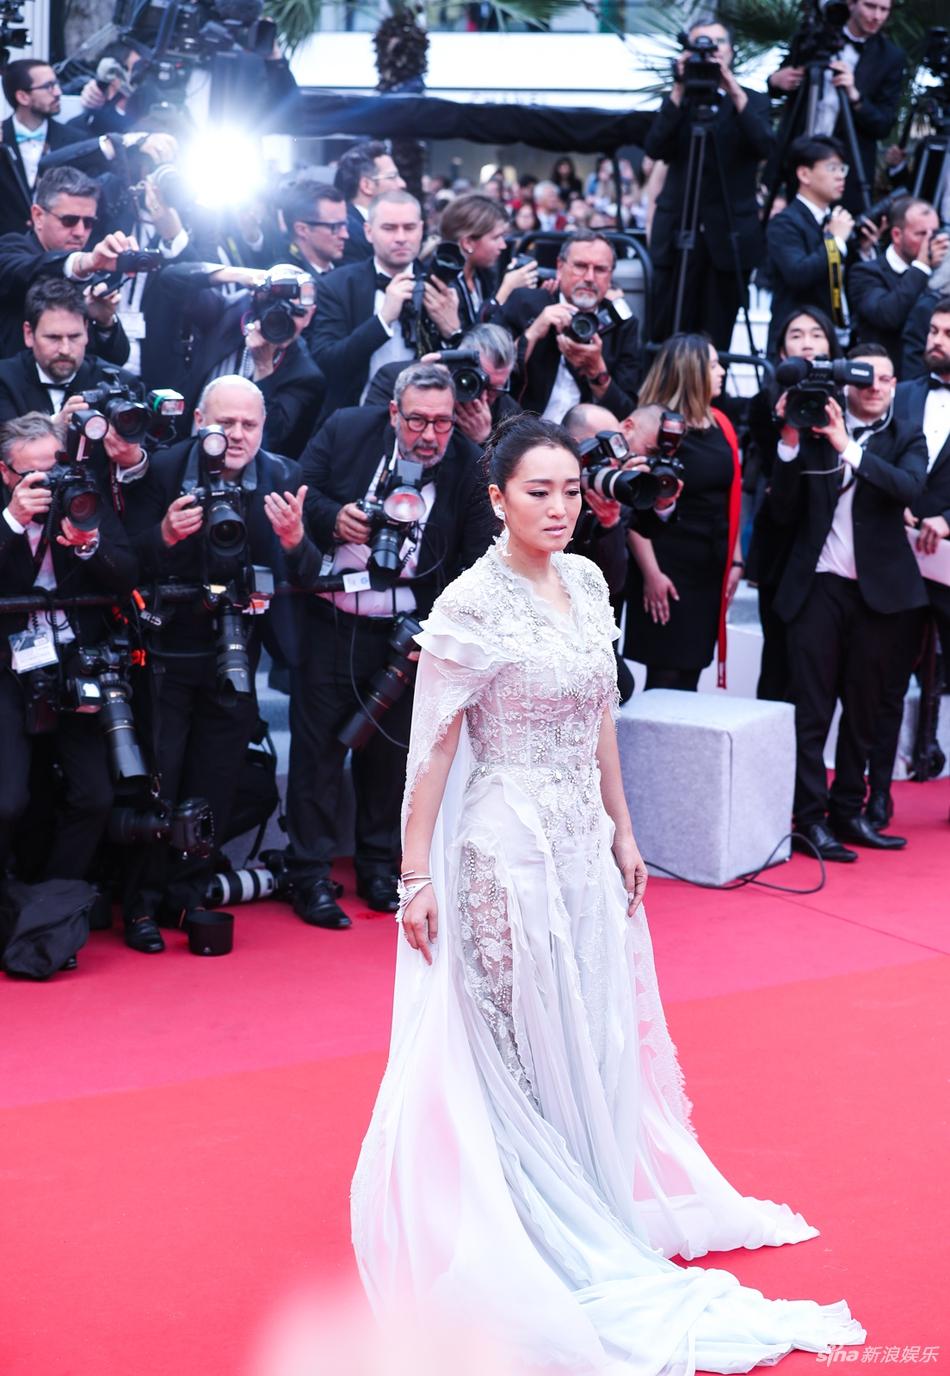 Không có Phạm Băng Băng, sao Hoa ngữ bị lấn át tại thảm đỏ Cannes 2019 - Ảnh 3